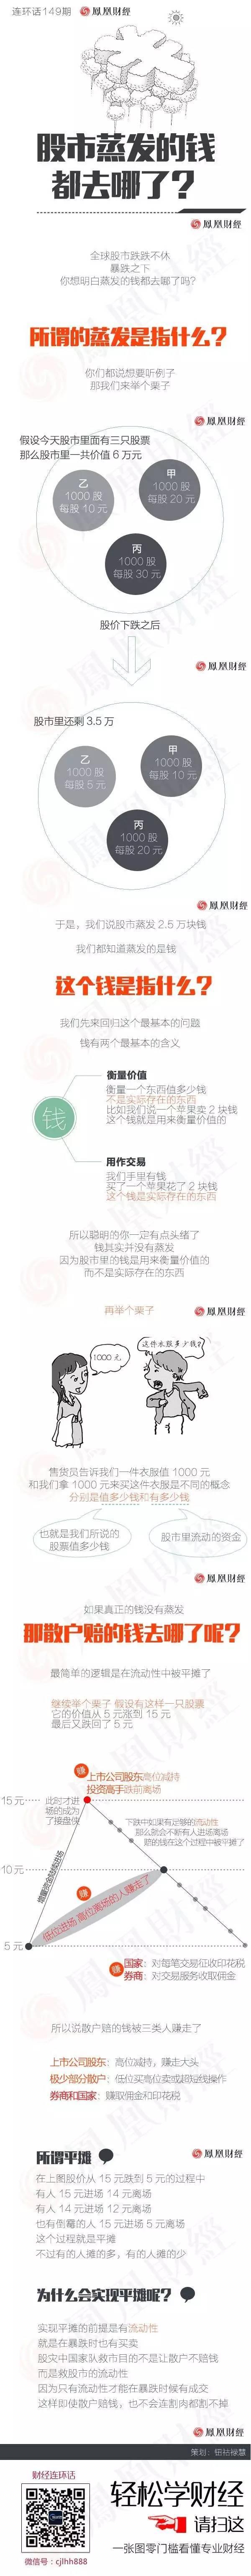 图片来源 / 财经连环话(cjlhh888)